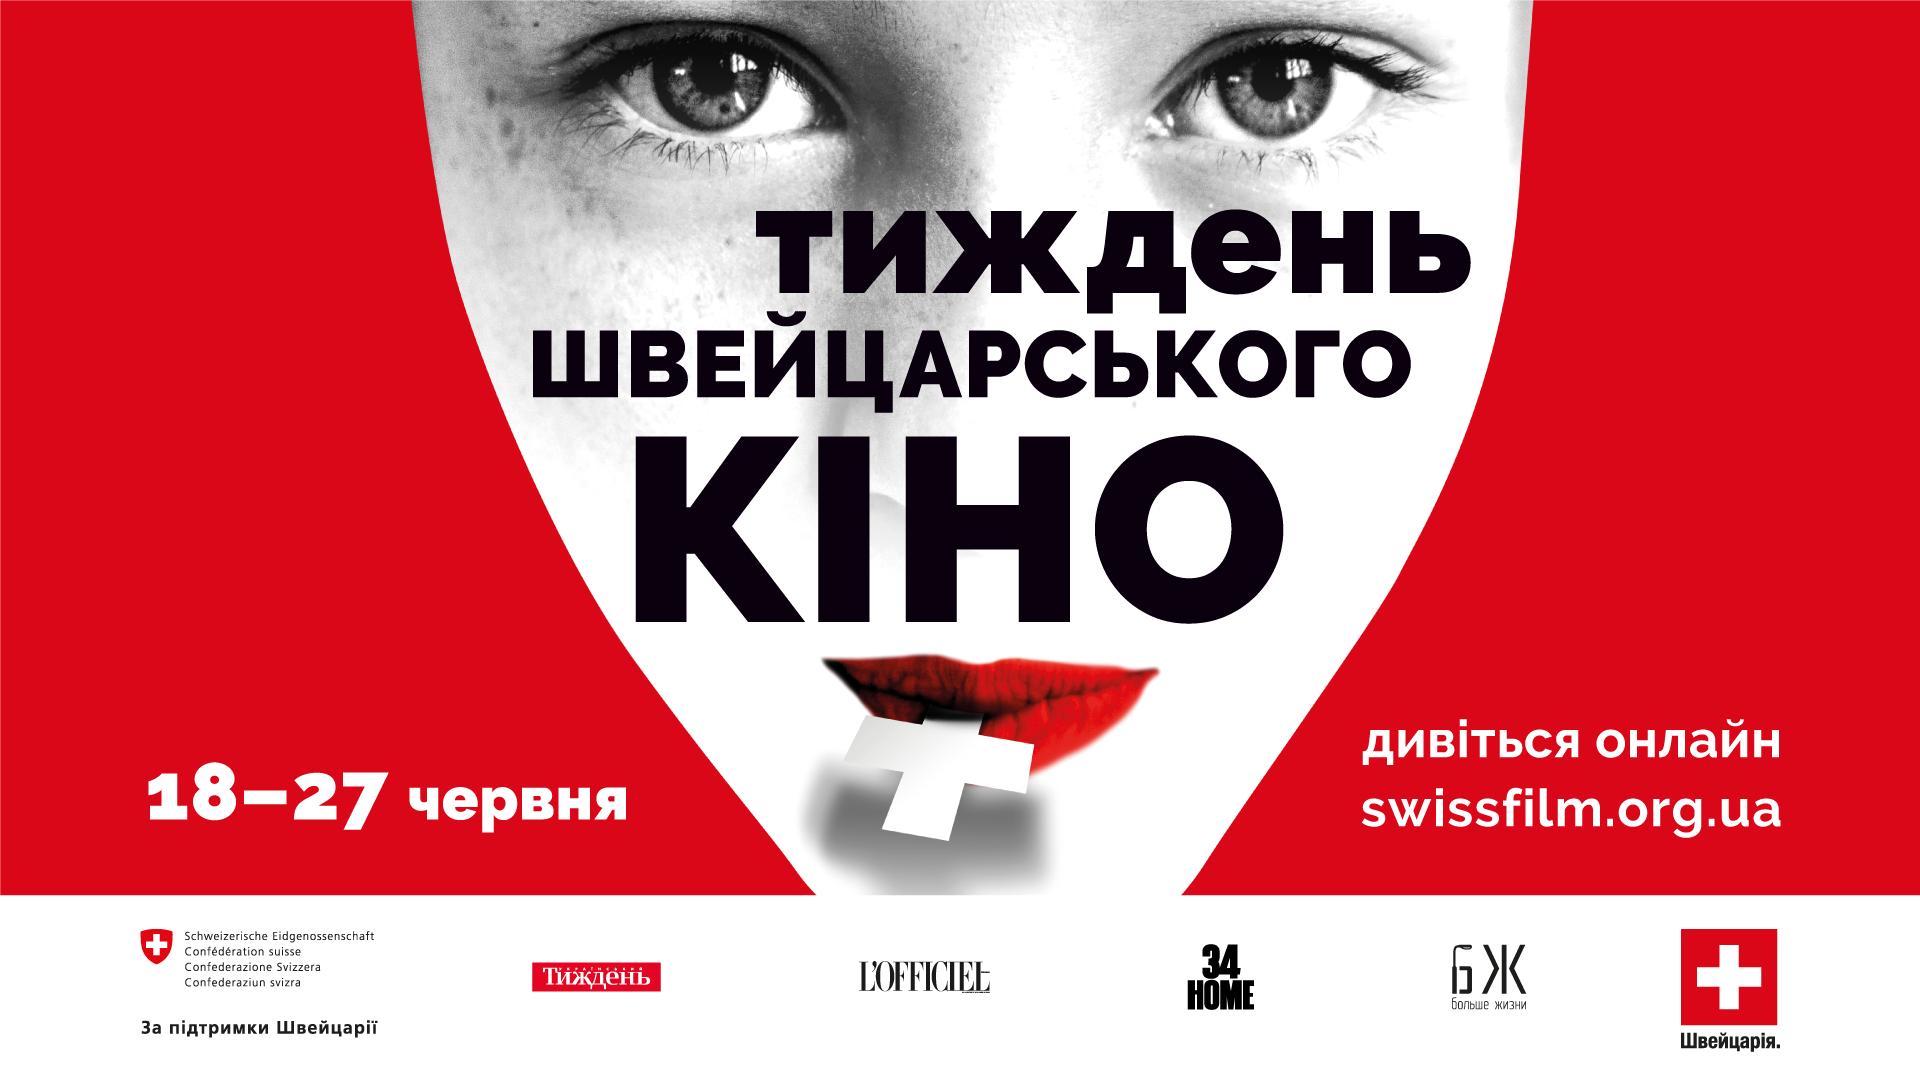 5-й Тиждень швейцарського кіно постер